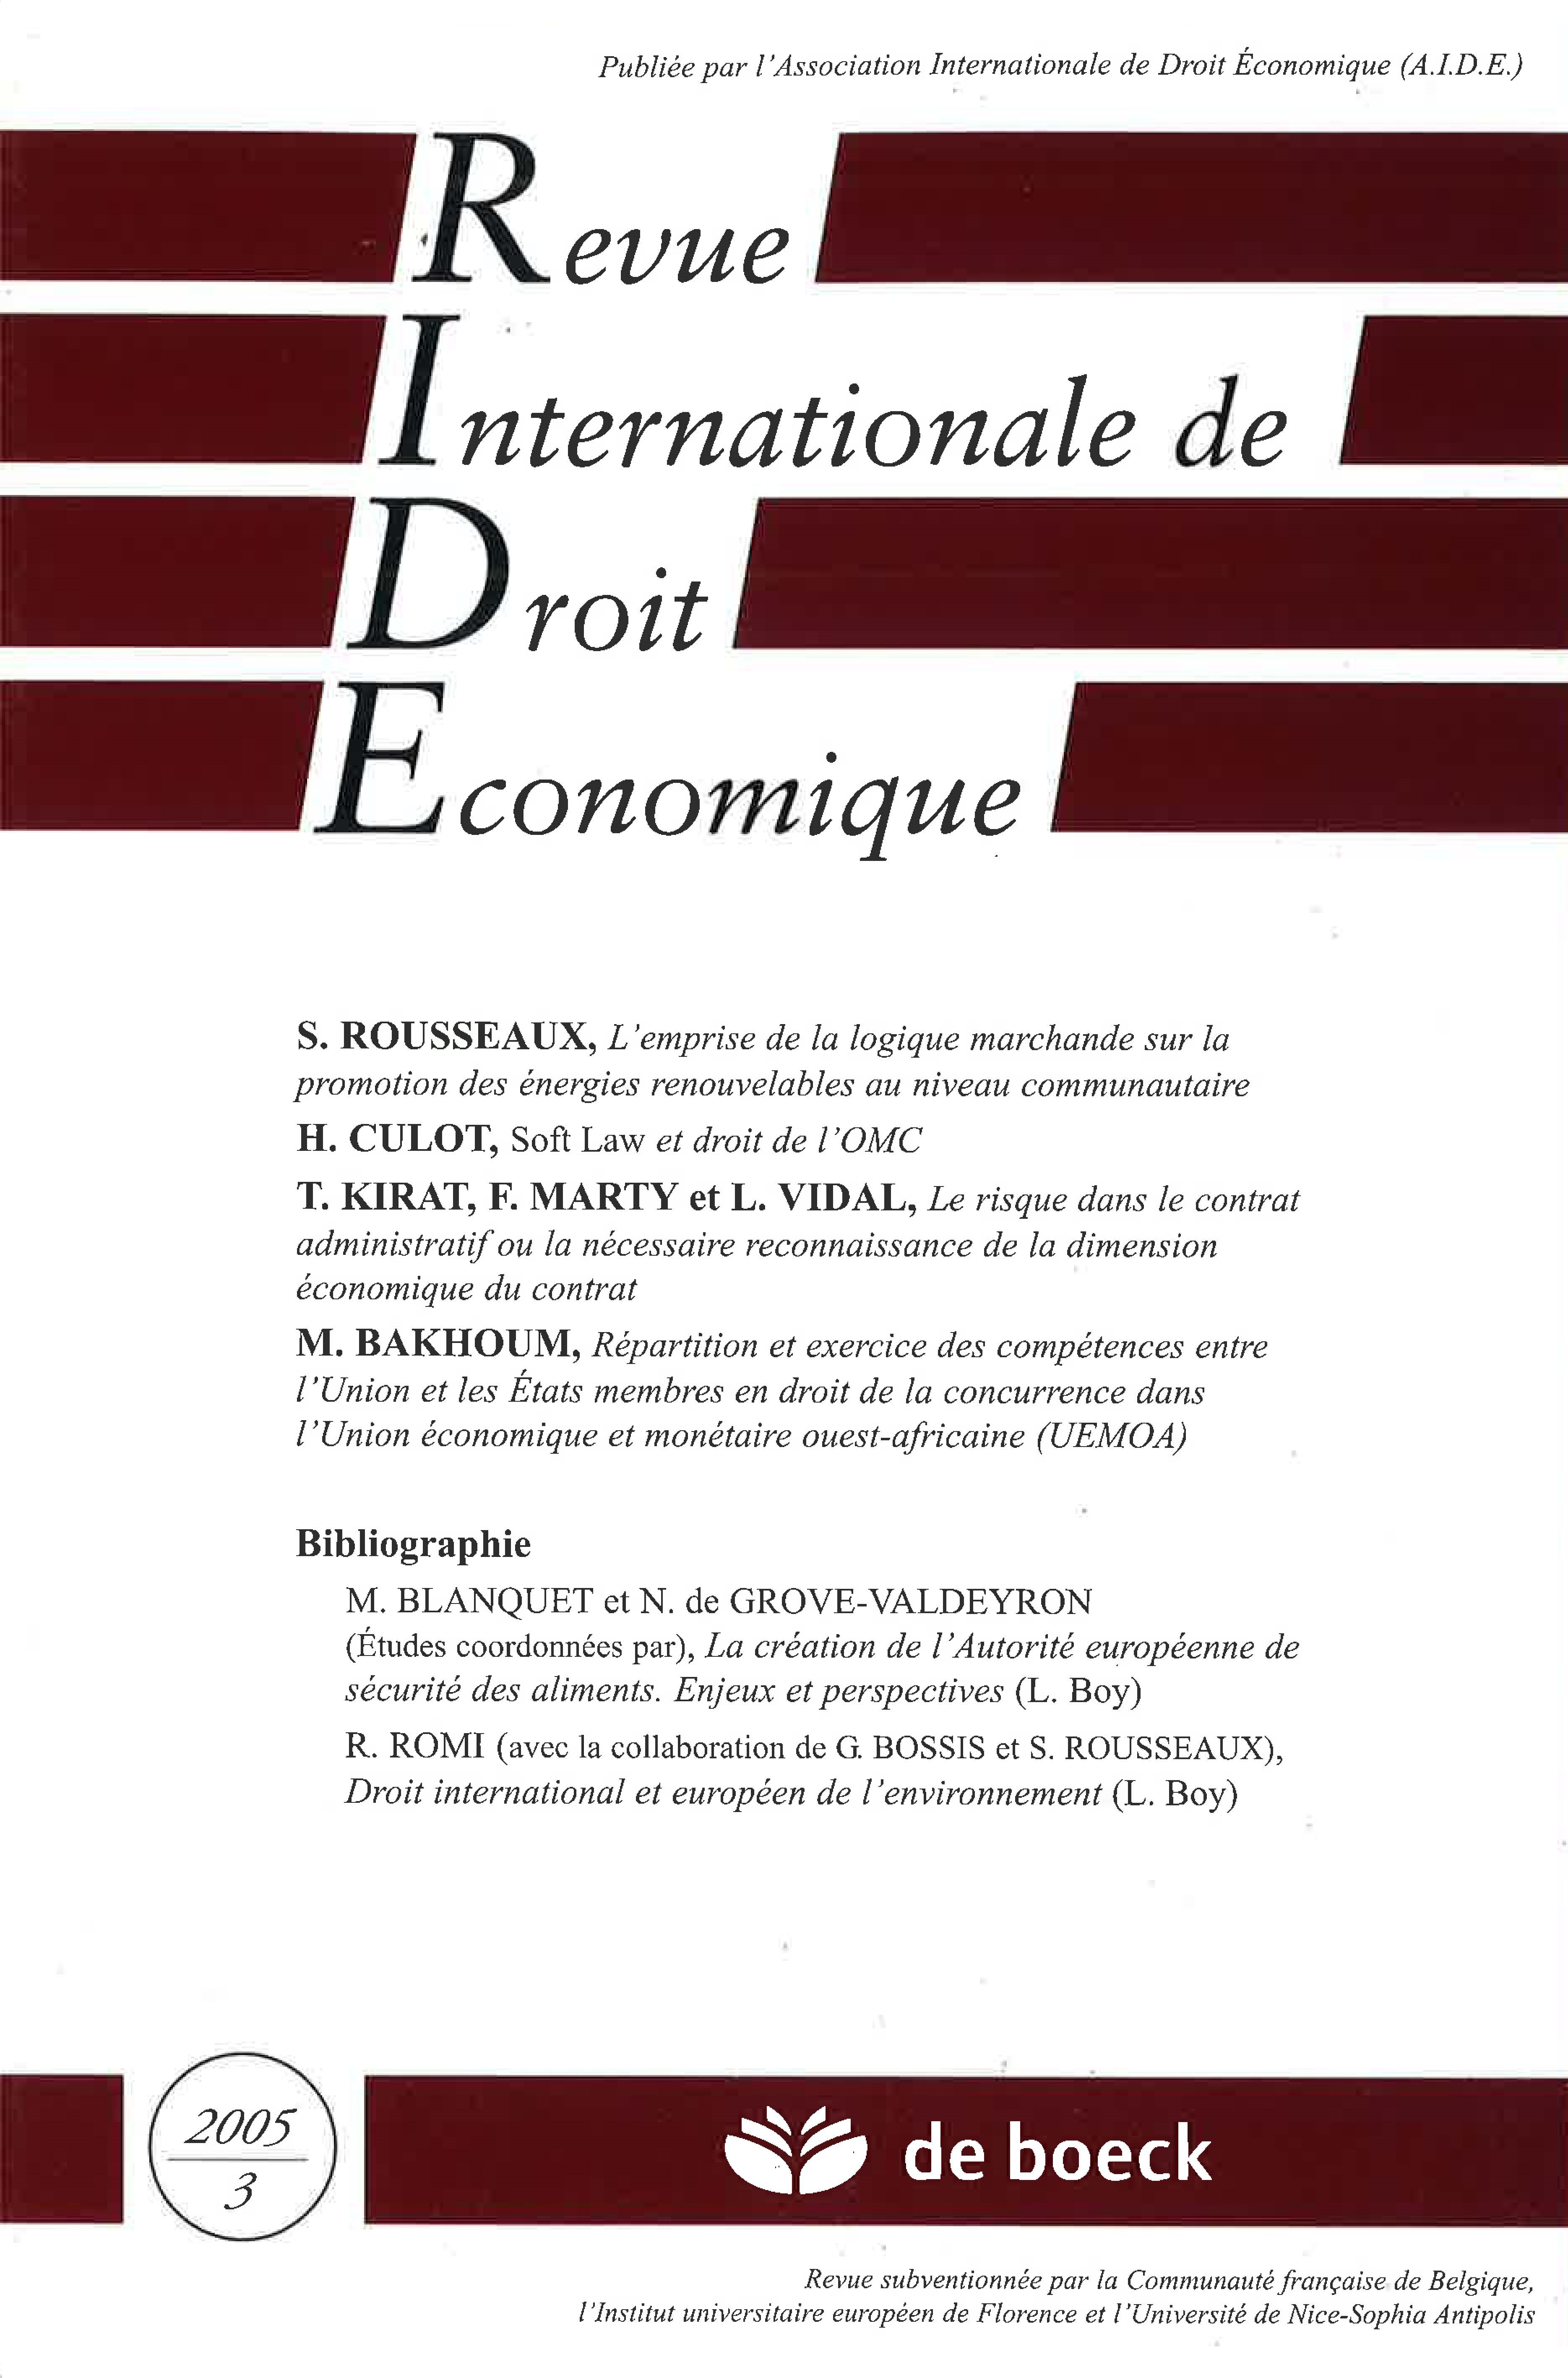 dissertation le contrat administratif contrat déséquilibré